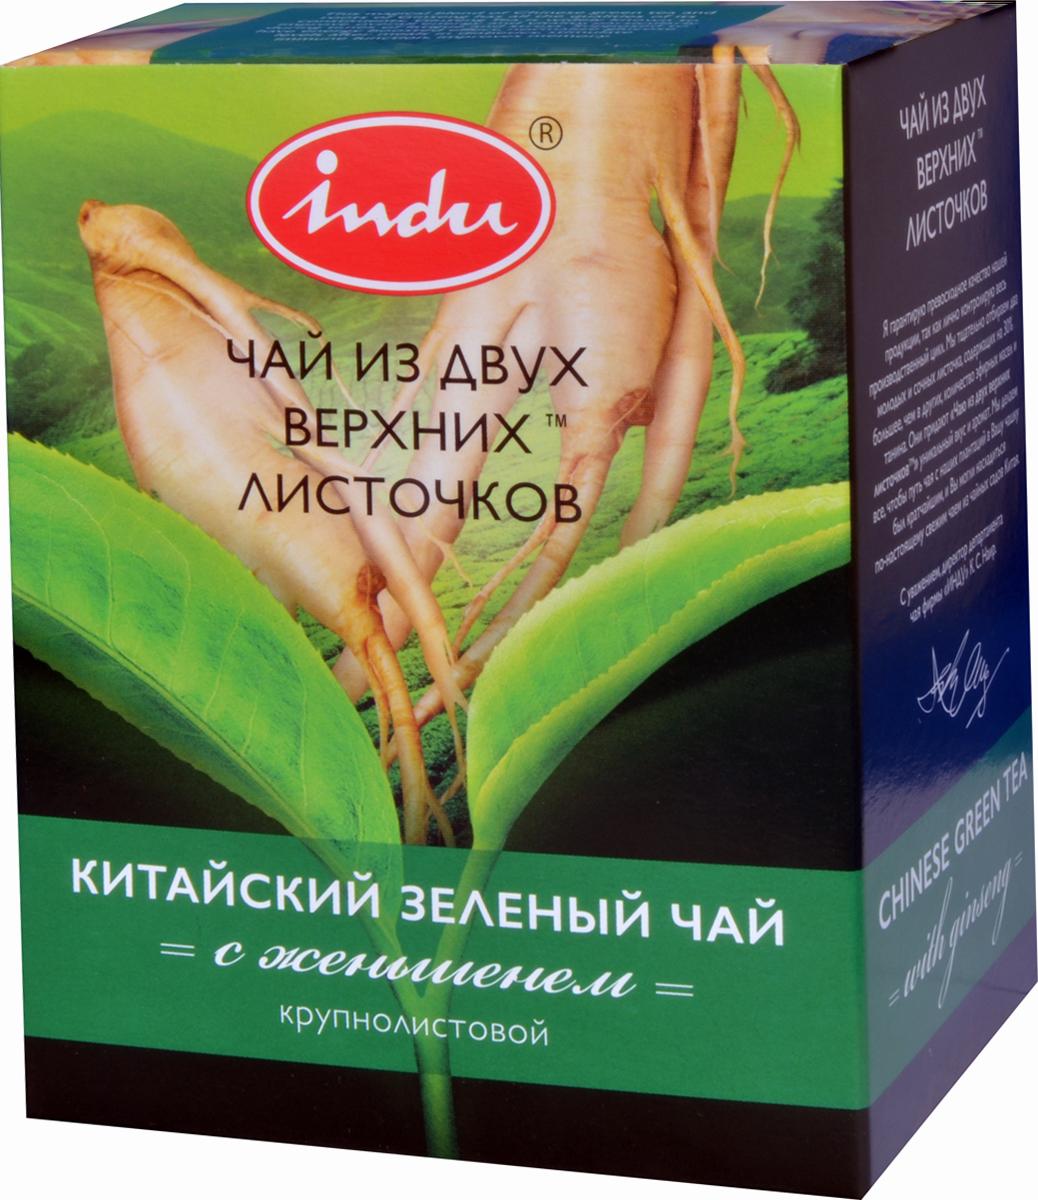 Indu Китайский зеленый листовой чай с женьшенем, 90 гбак285рЧудодейственный китайский зеленый чай Indu с корнем женьшеня. Его настою присущи все необычайные свойства компонентов: он укрепляет иммунную систему, повышает стрессоустойчивость, стимулирует обменные процессы в организме, активизирует действие головного мозга, улучшает память и потенцию, снимает усталость, дает заряд бодрости и поднимает настроение.